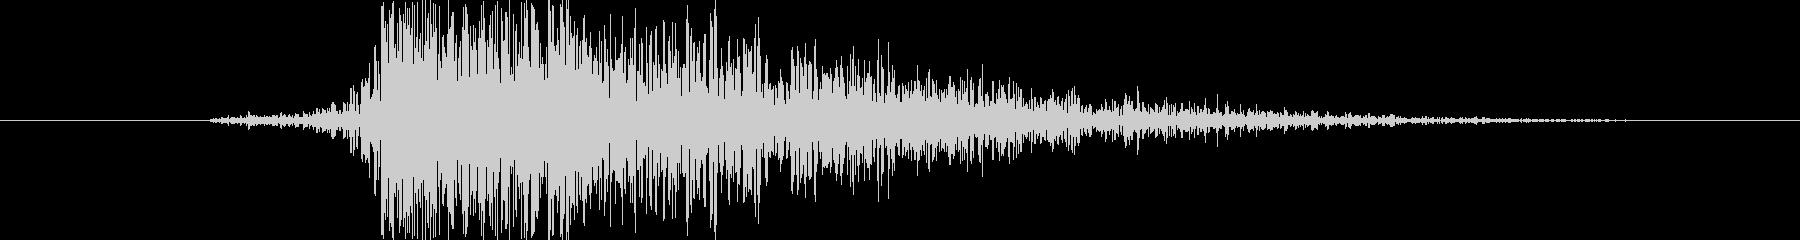 メタル アックスヒットメタル01の未再生の波形